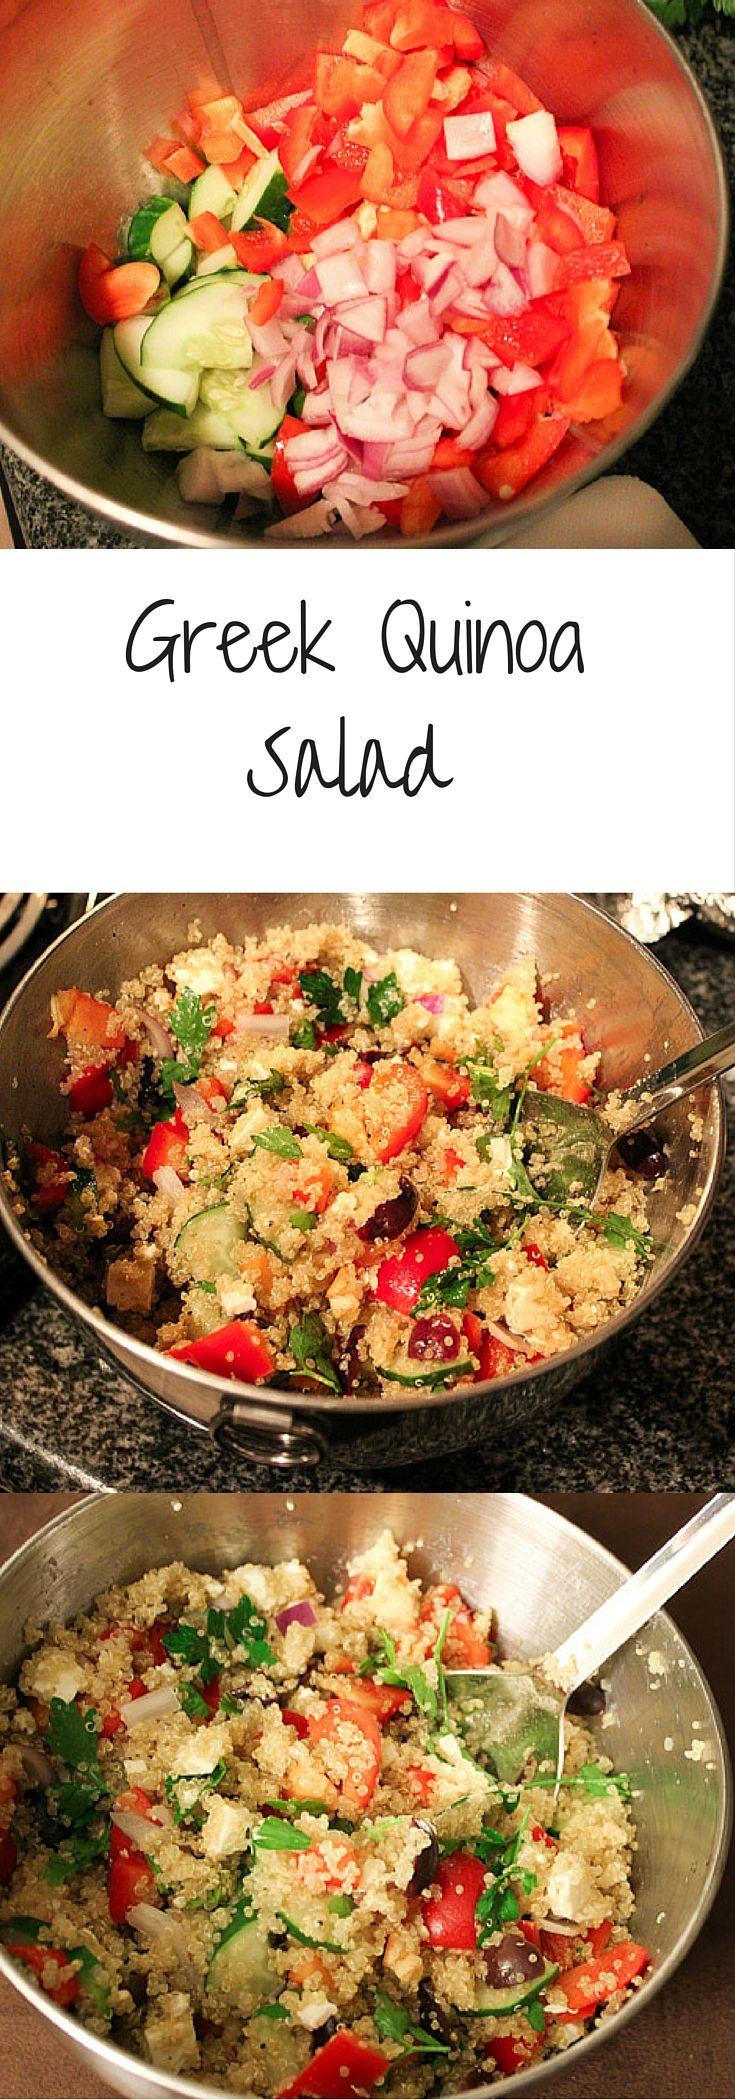 17 best ideas about greek quinoa salad on pinterest quinoa salad recipes healthy greek - Healthy greek recipes for dinner mediterranean savour ...